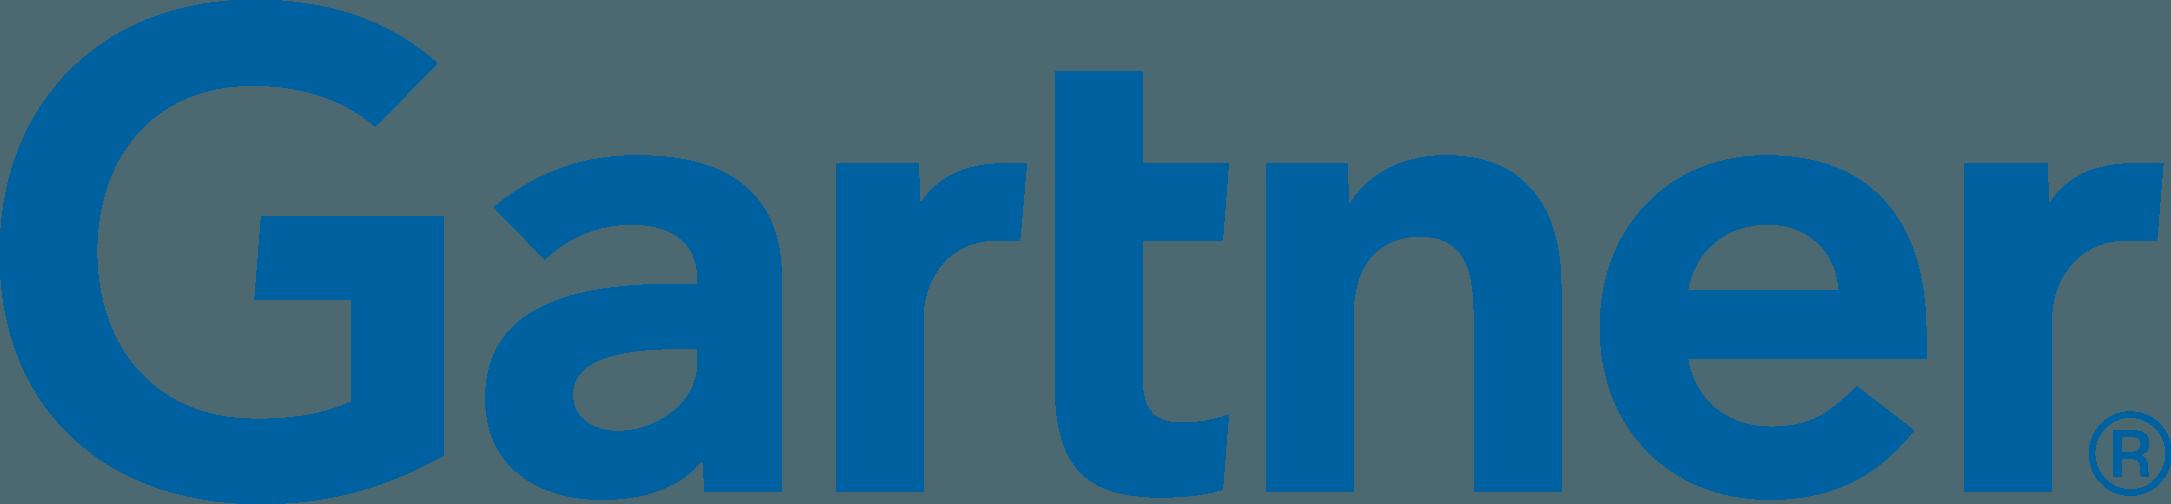 Gartner Logo png